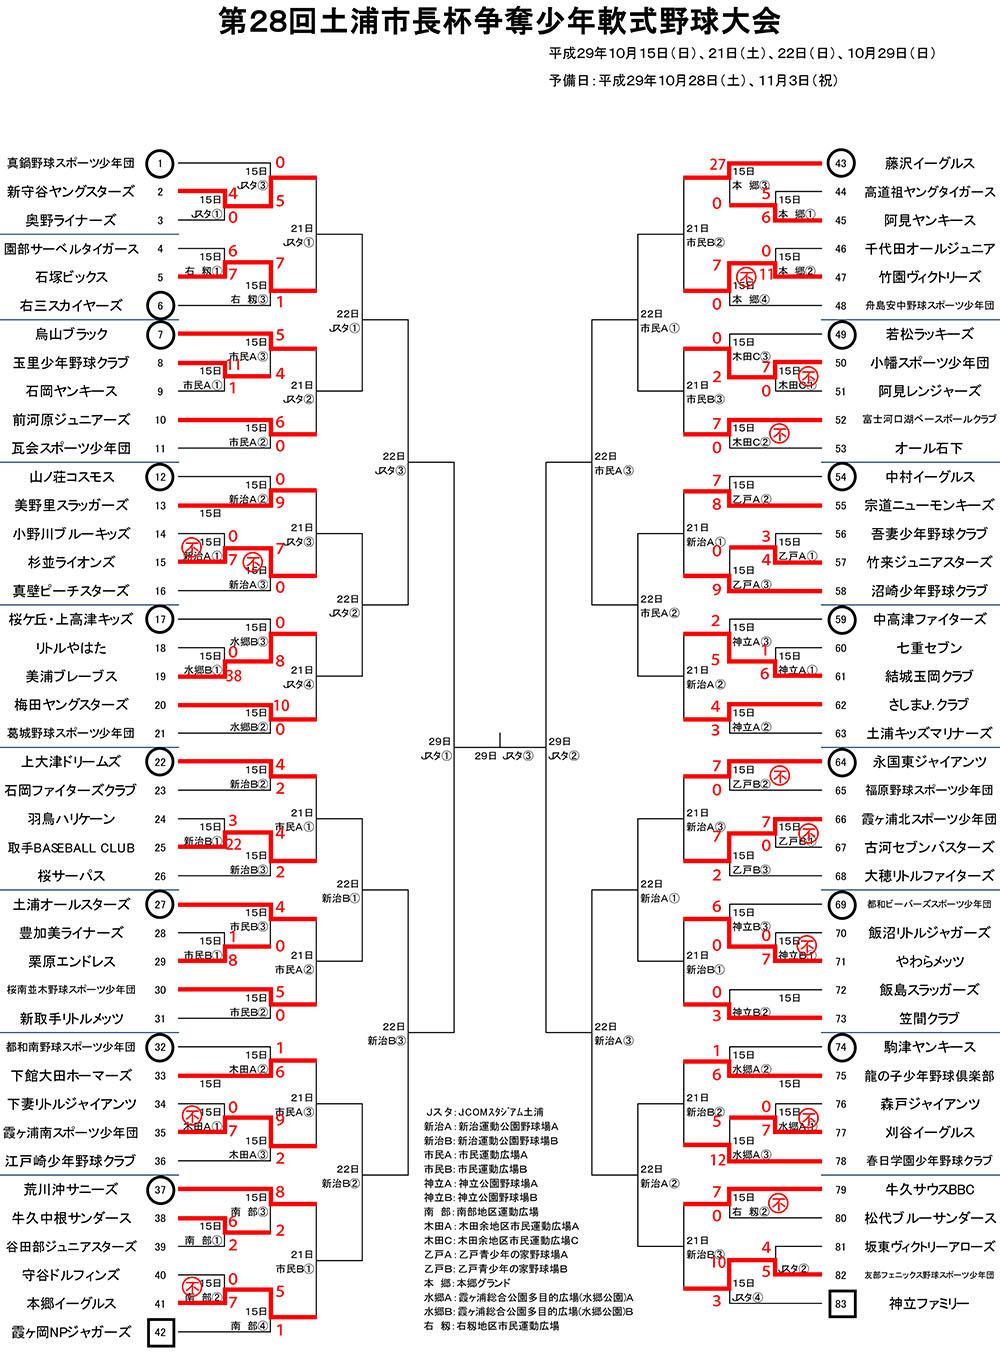 第28回土浦市長杯争奪少年軟式野球大会やぐら(10/28)